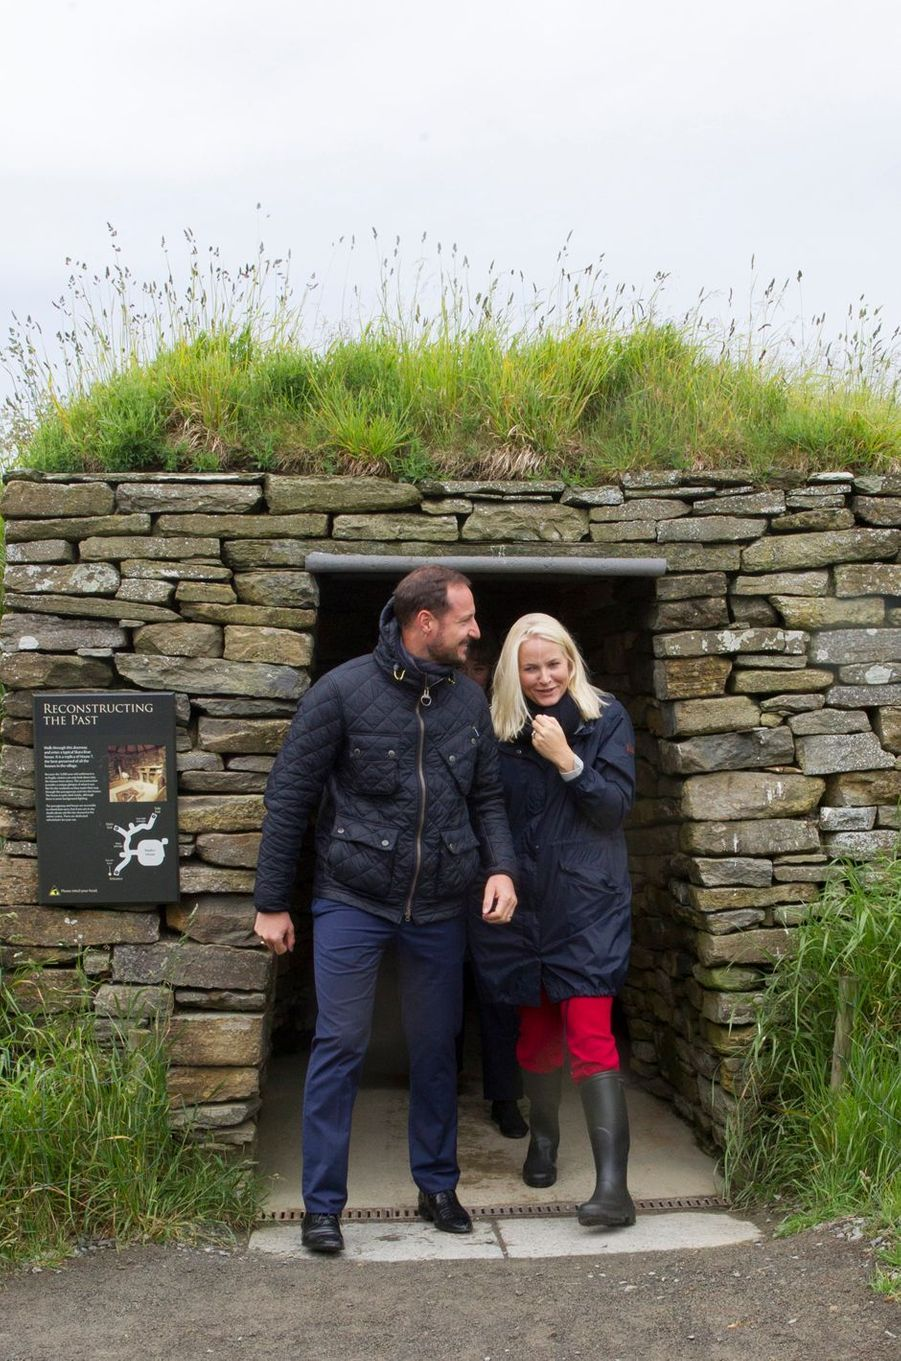 La princesse Mette-Marit et le prince Haakon de Norvège sur le site archéologique de Skara Brae, le 17 juin 2017